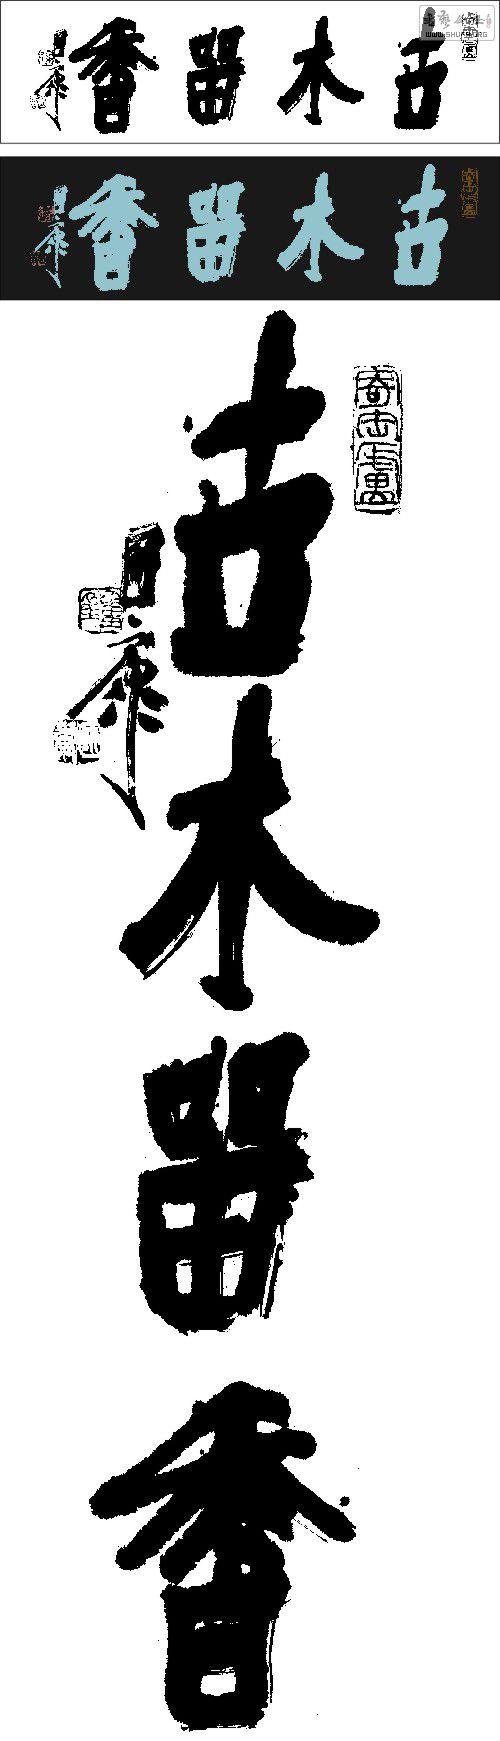 把中国顶级的牌匾都写一遍